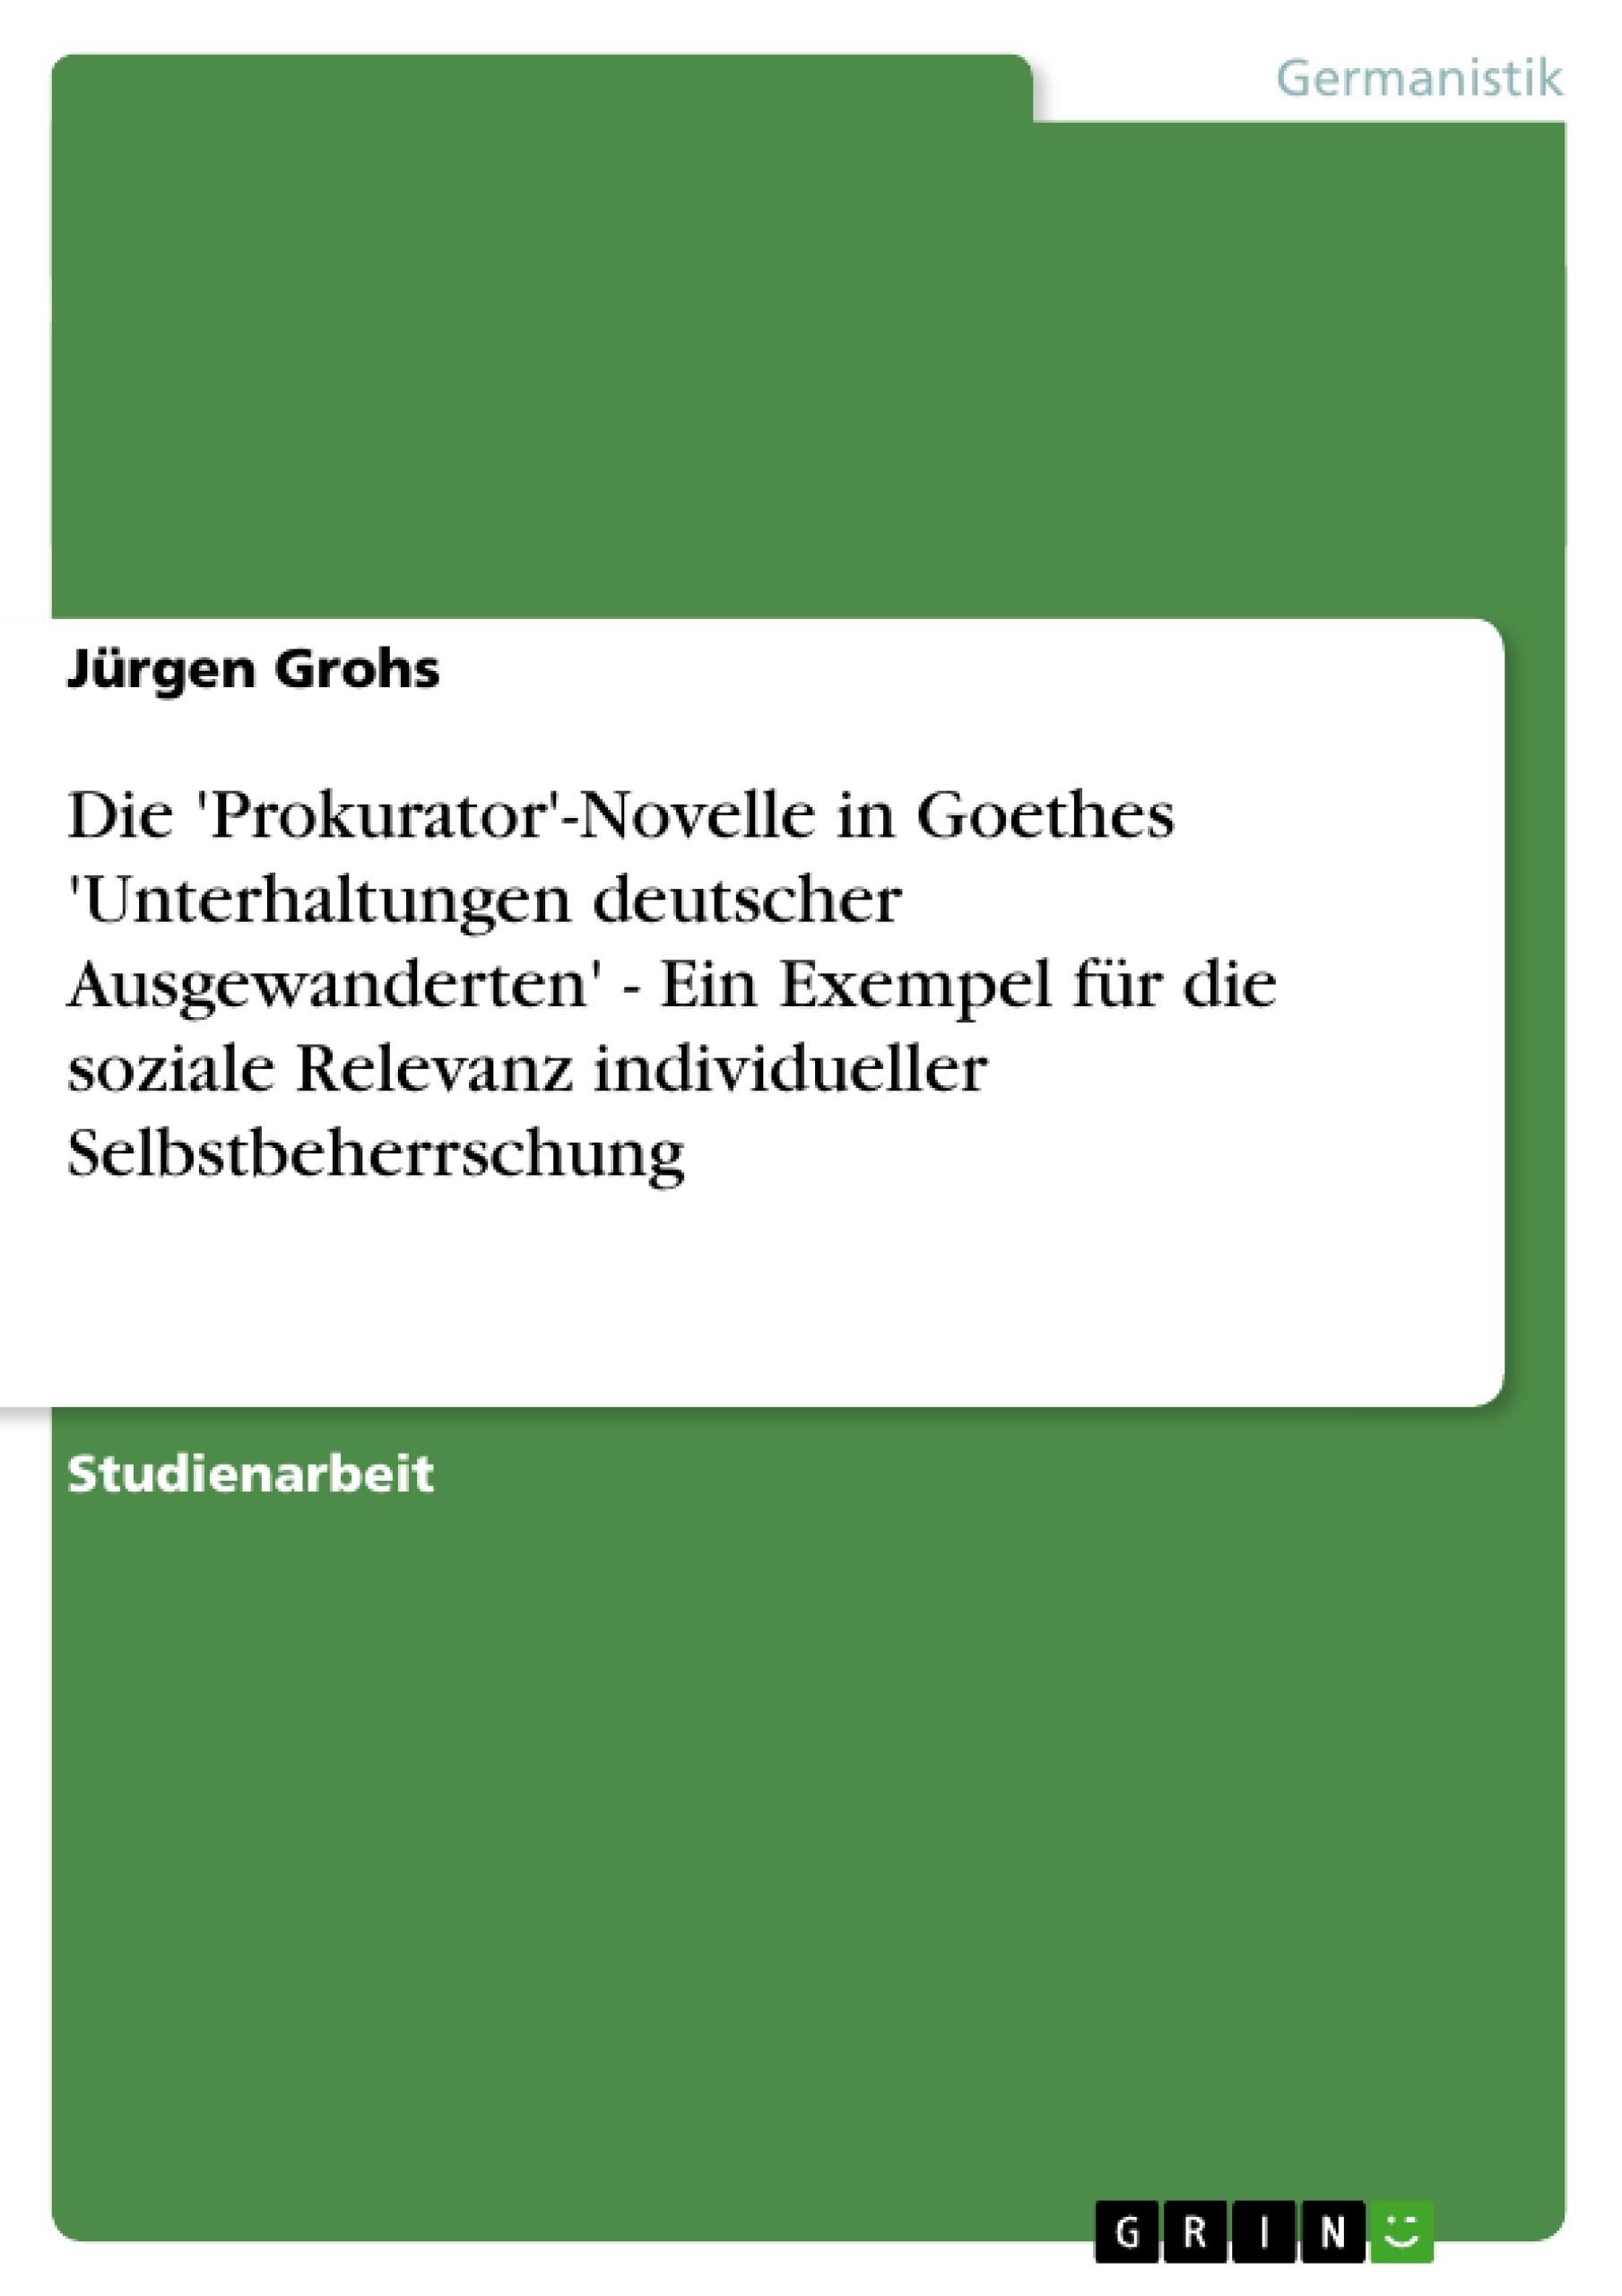 Titel: Die 'Prokurator'-Novelle in Goethes 'Unterhaltungen deutscher Ausgewanderten' - Ein Exempel für die soziale Relevanz individueller Selbstbeherrschung